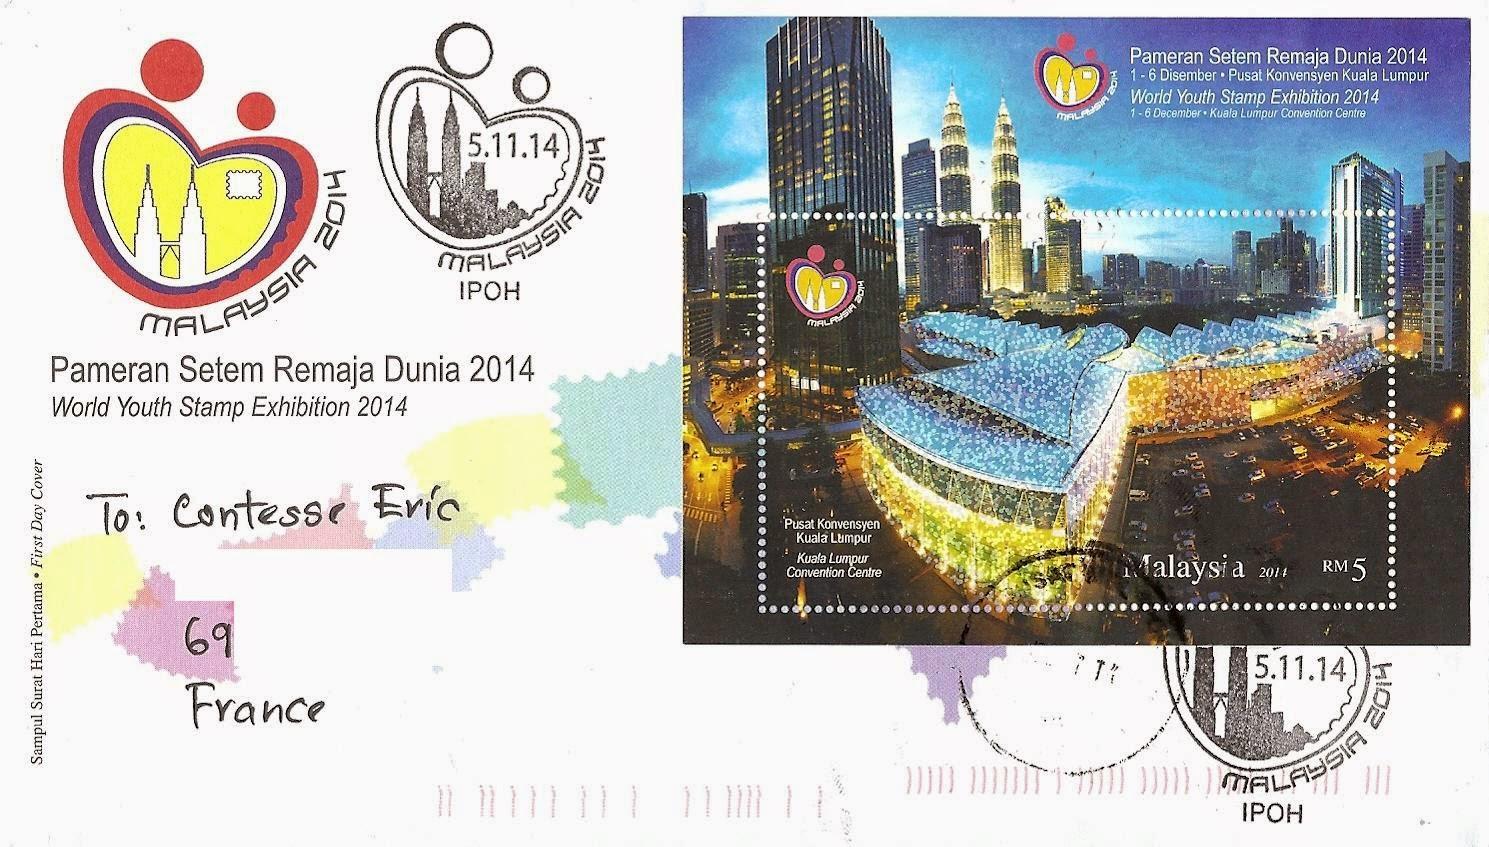 D Exhibition Ipoh : Timbré de ma philatélie world youth stamp exhibition